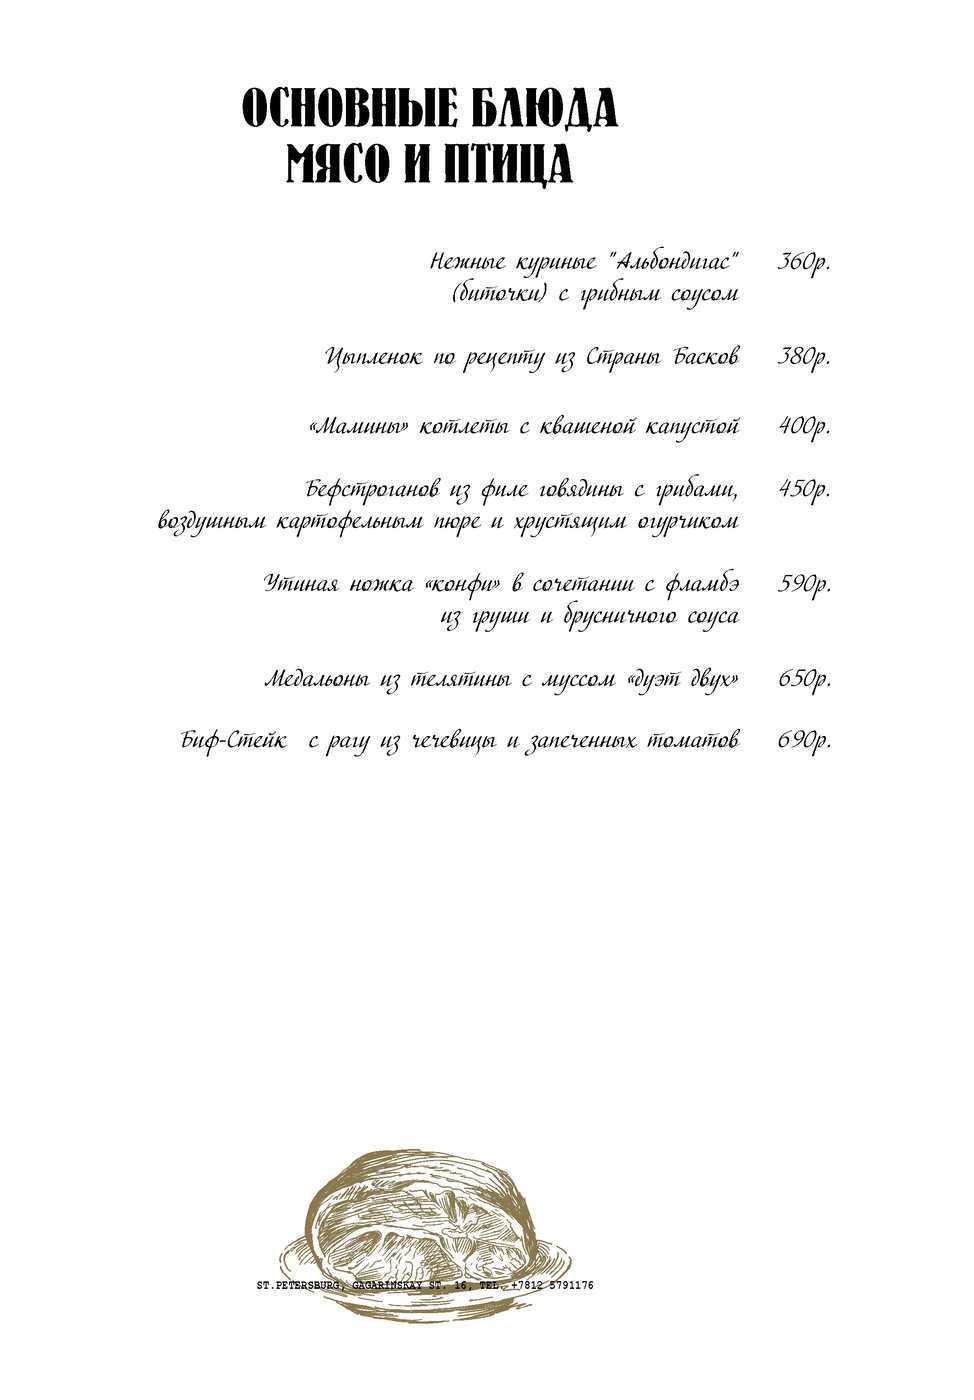 Меню бара, ресторана Хавьер (Daily Bar XAVIER) на Гагаринской улице фото 6